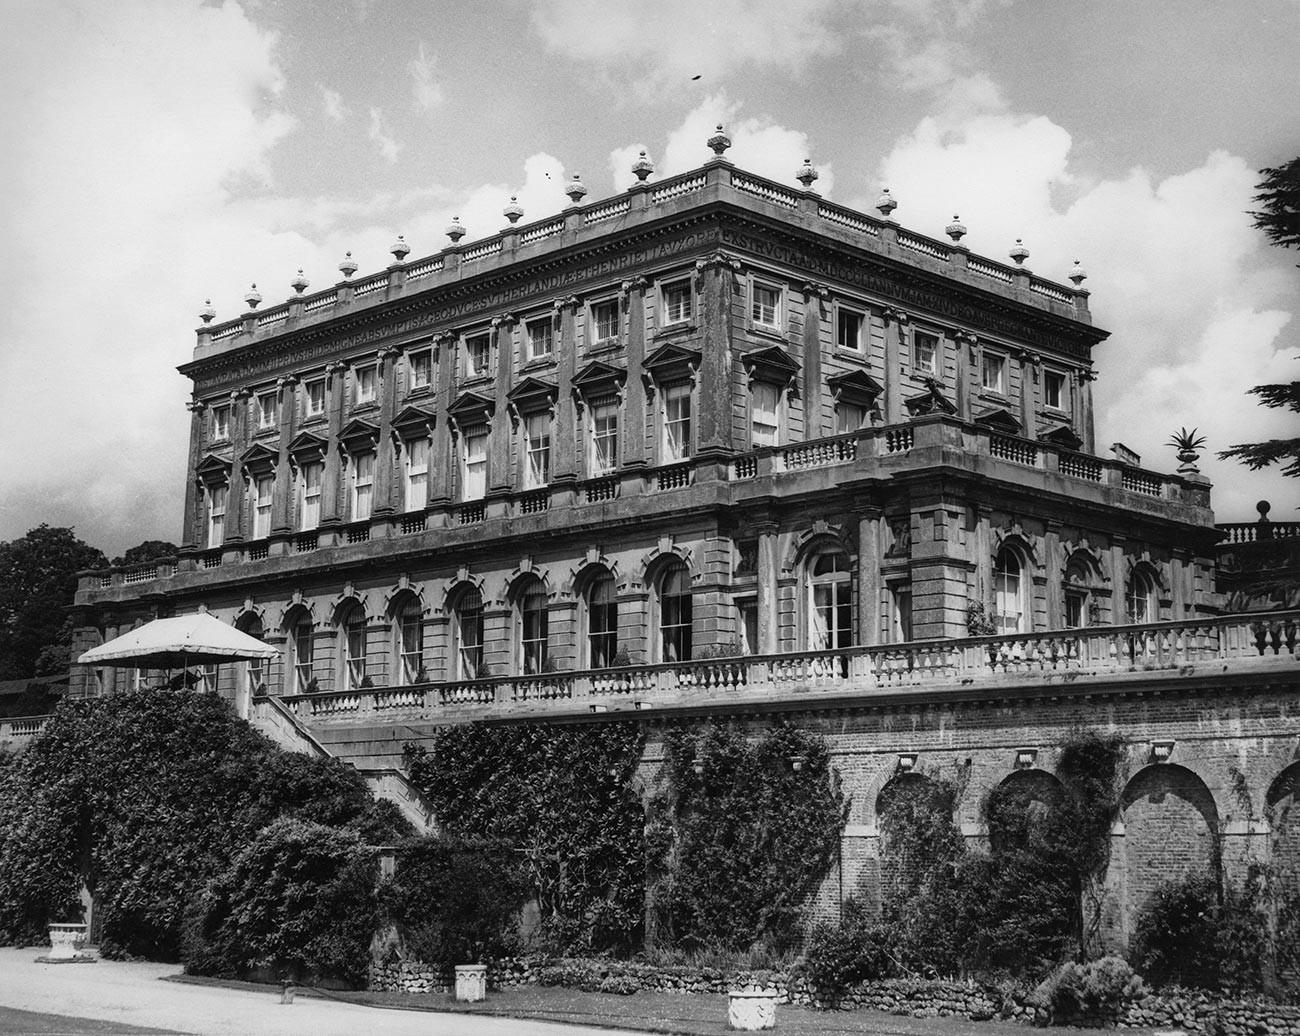 Cliveden, vila lorda Astora u Buckinghamshireu, 28. srpnja 1963. Tu je na privatnoj zabavi Christine Keeler prvi put predstavljena britanskom ministru obrane Johnu Profumu.